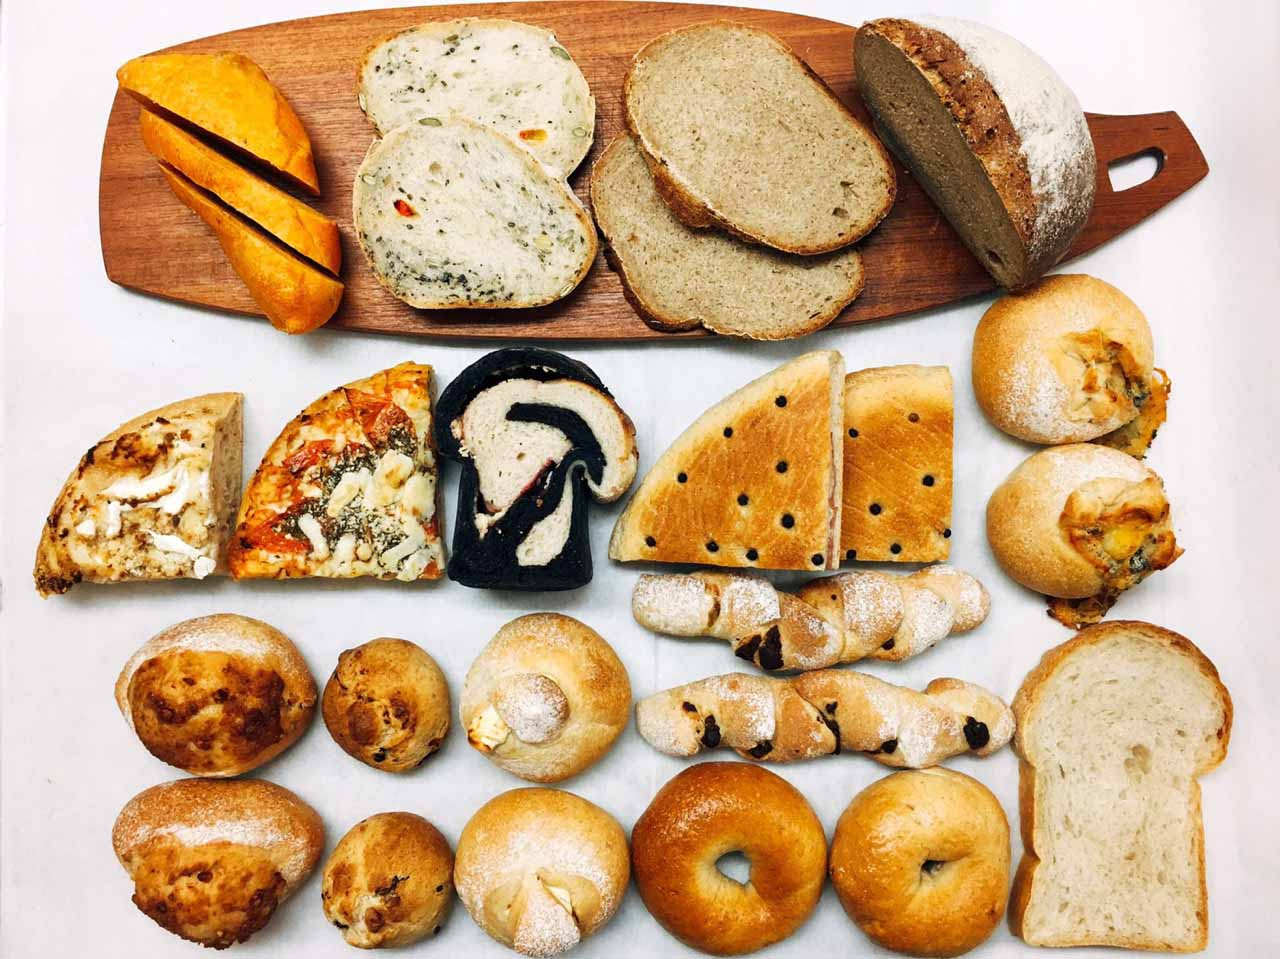 「柏の葉 T-SITE」で3月30日、31日に「柏の葉パン&ビアフェスタ2019 パンの時間」が開催されます